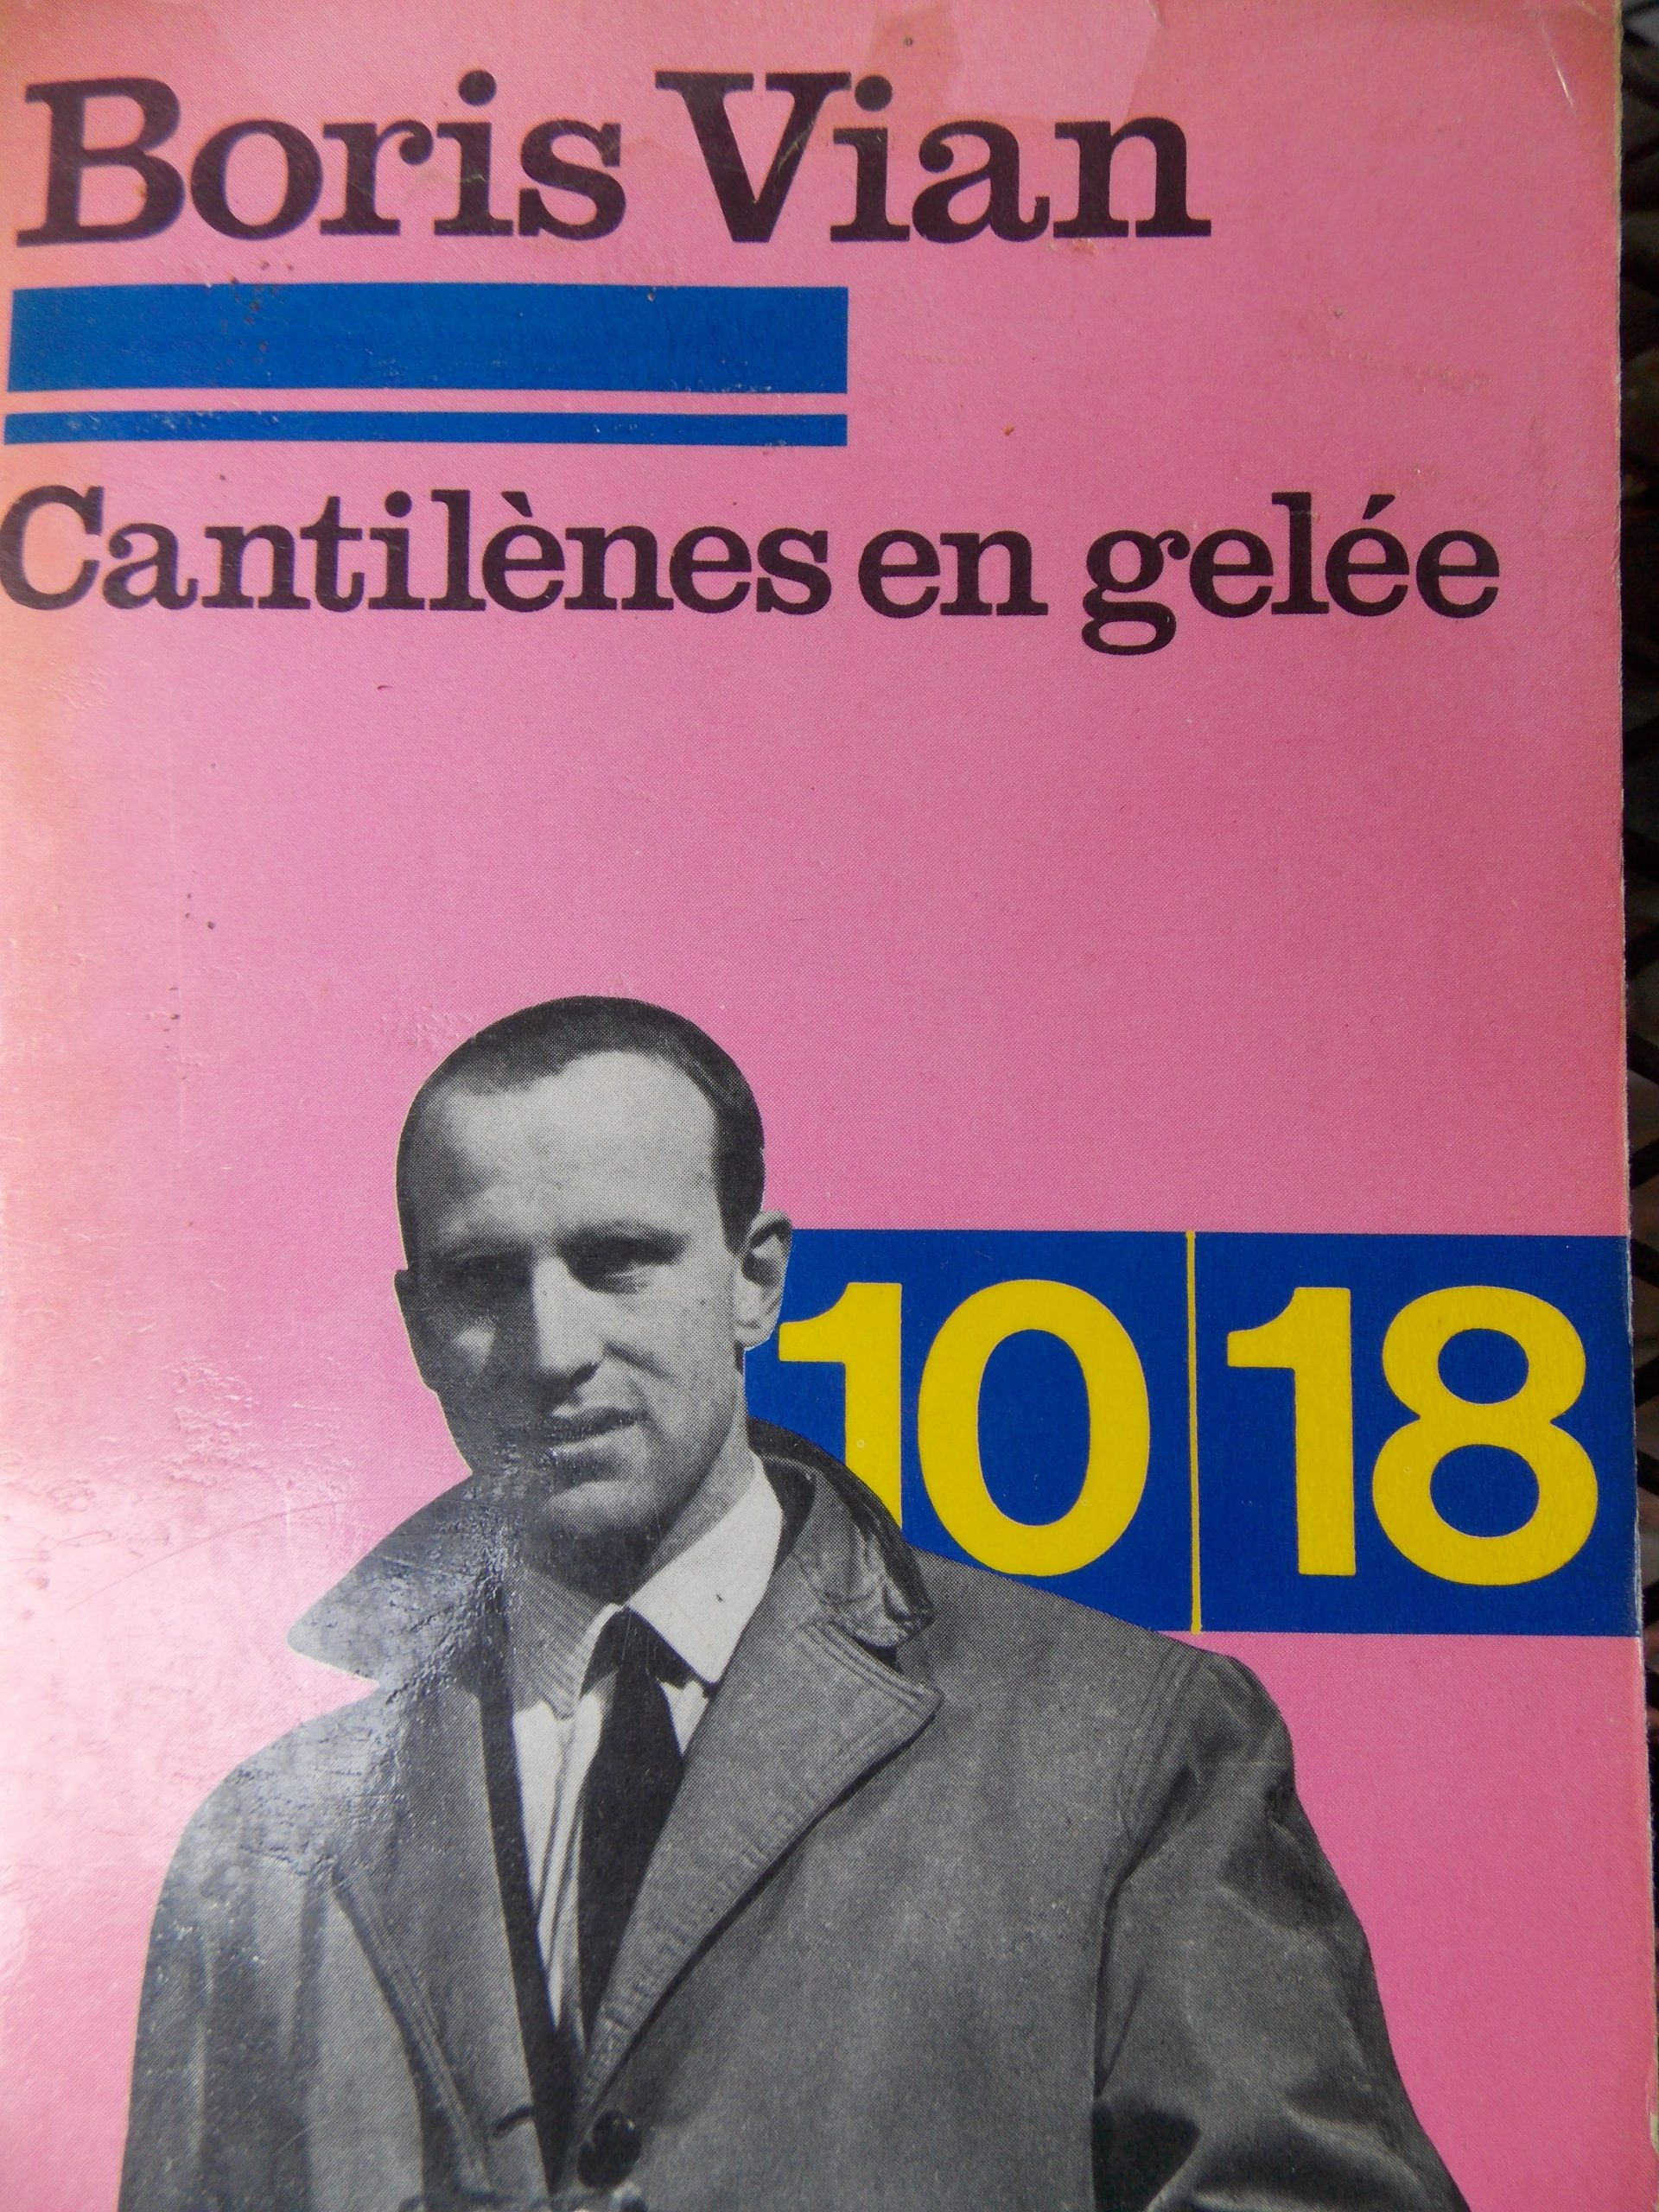 Boris Vian, Cantilene in gelatina